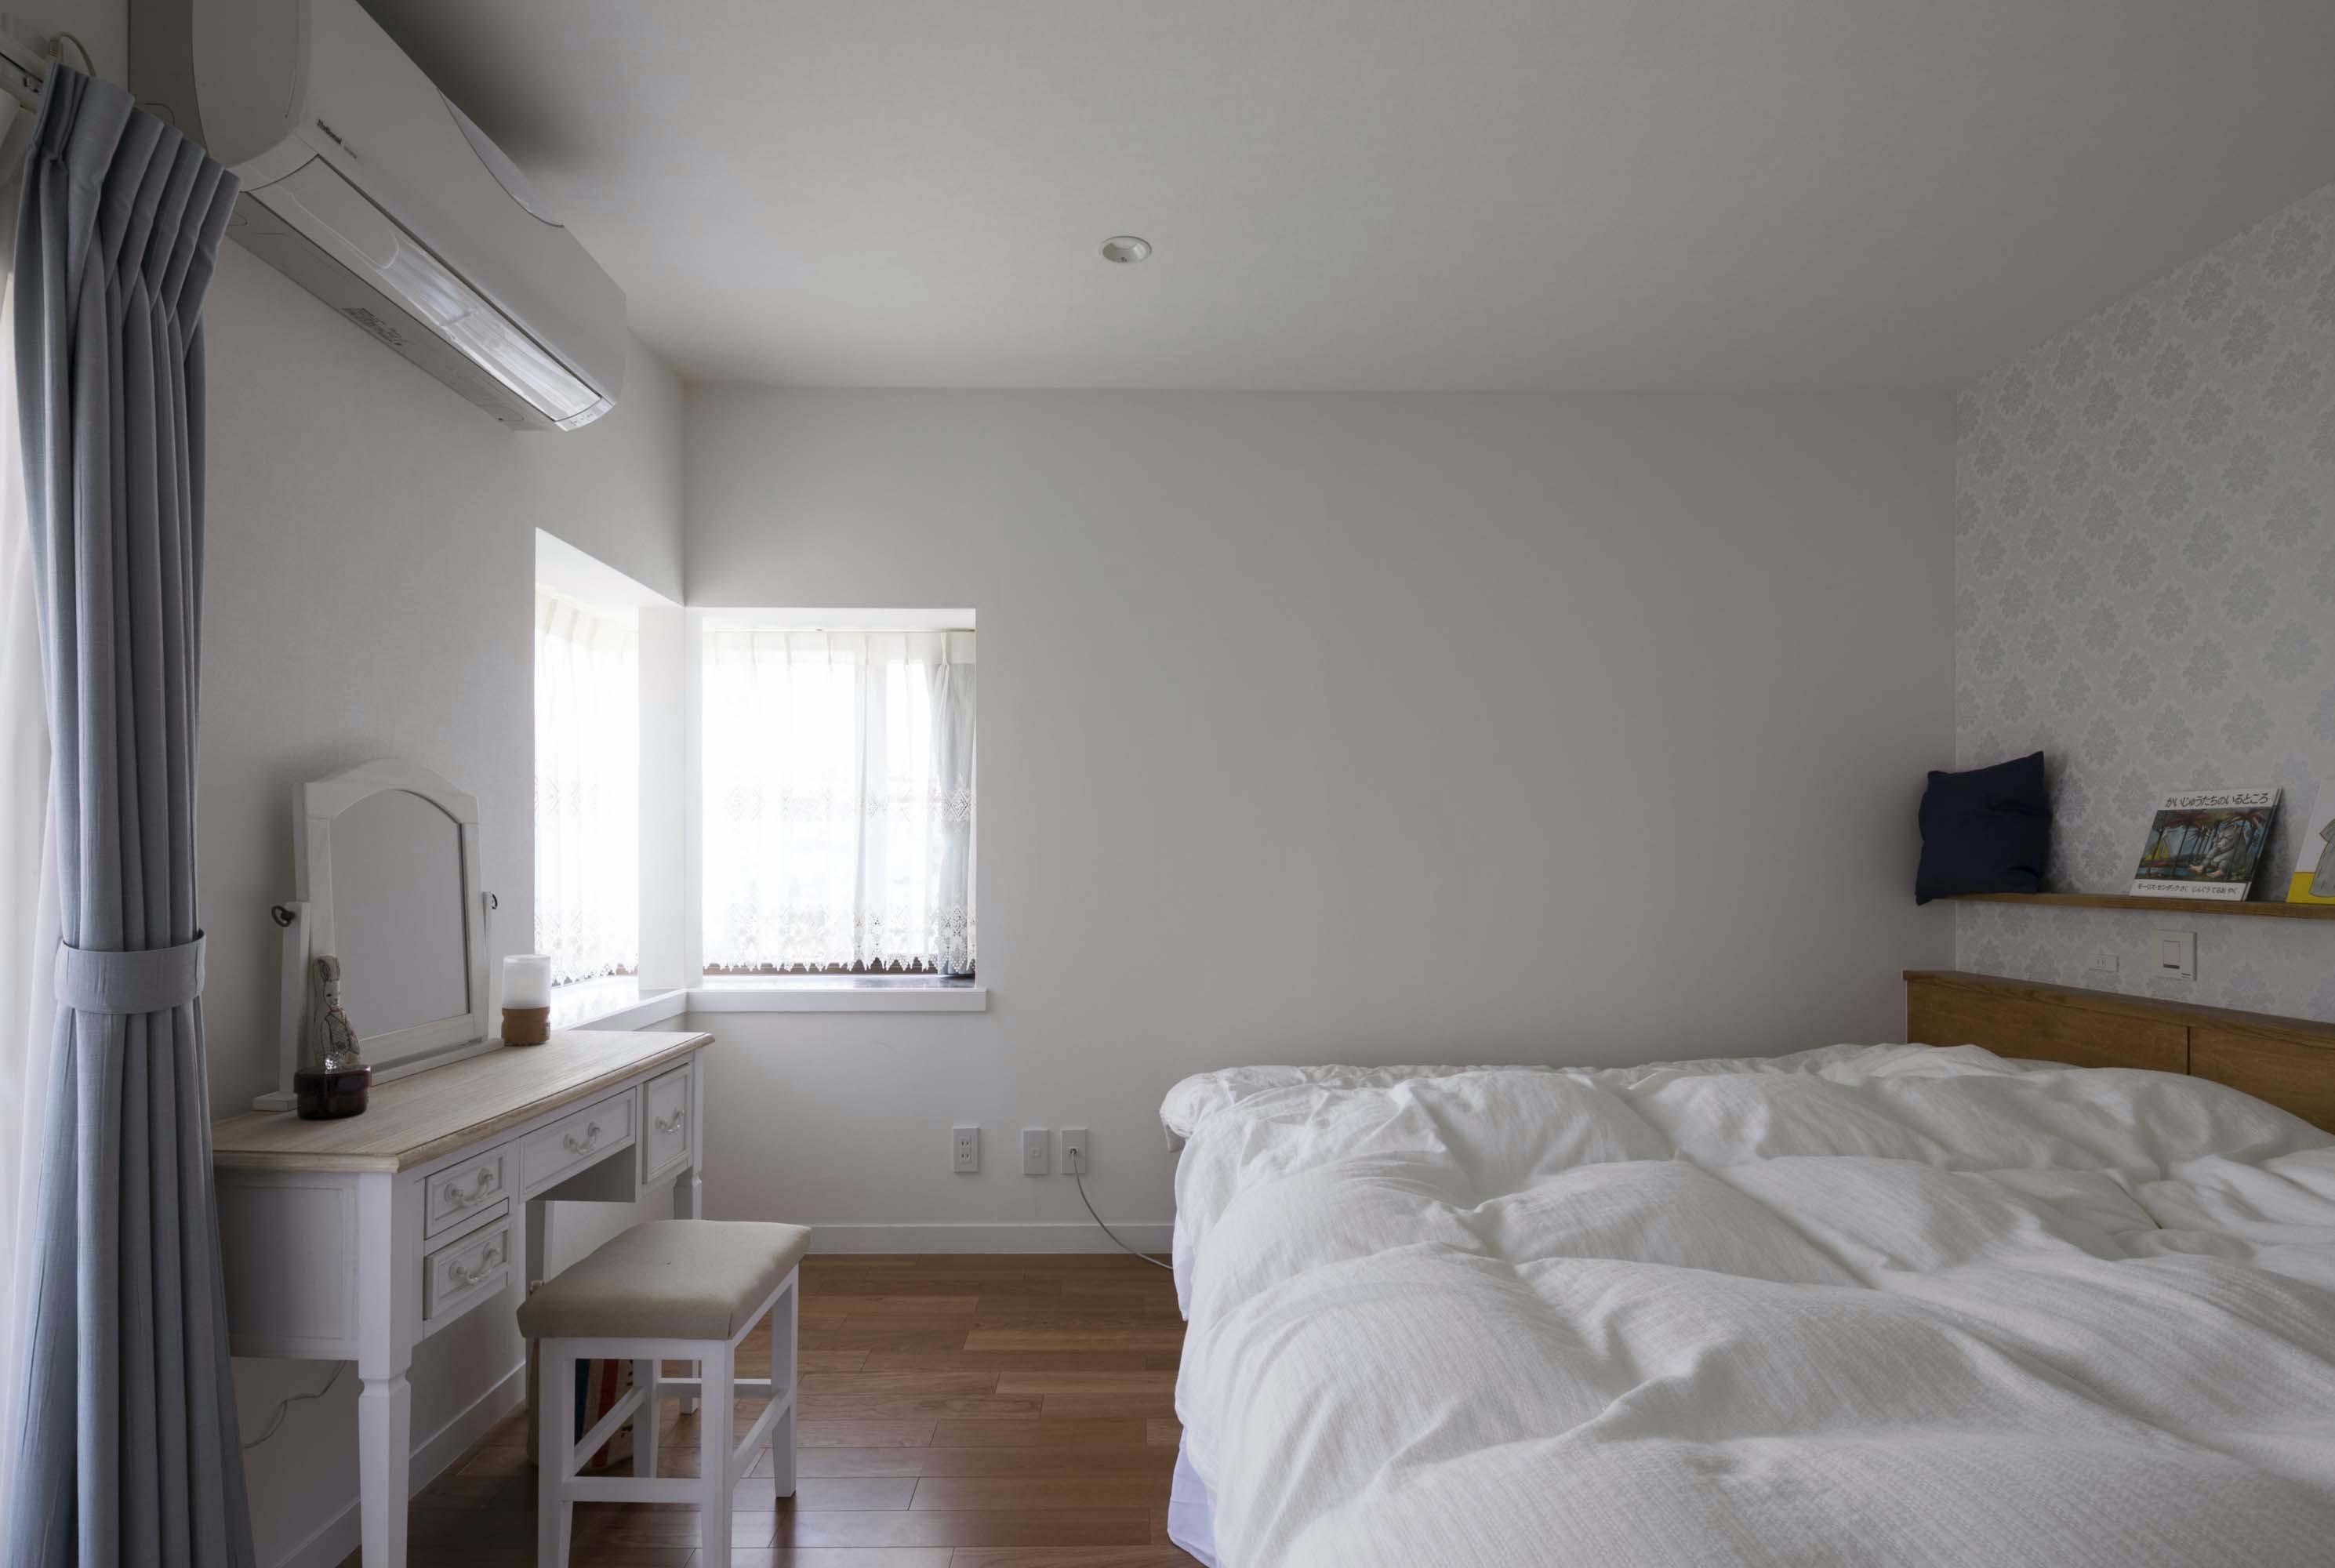 ベッドルーム事例:主寝室(浜田山の家 スタイリッシュなNYスタイルの空気が漂う大階段のリノベーション)